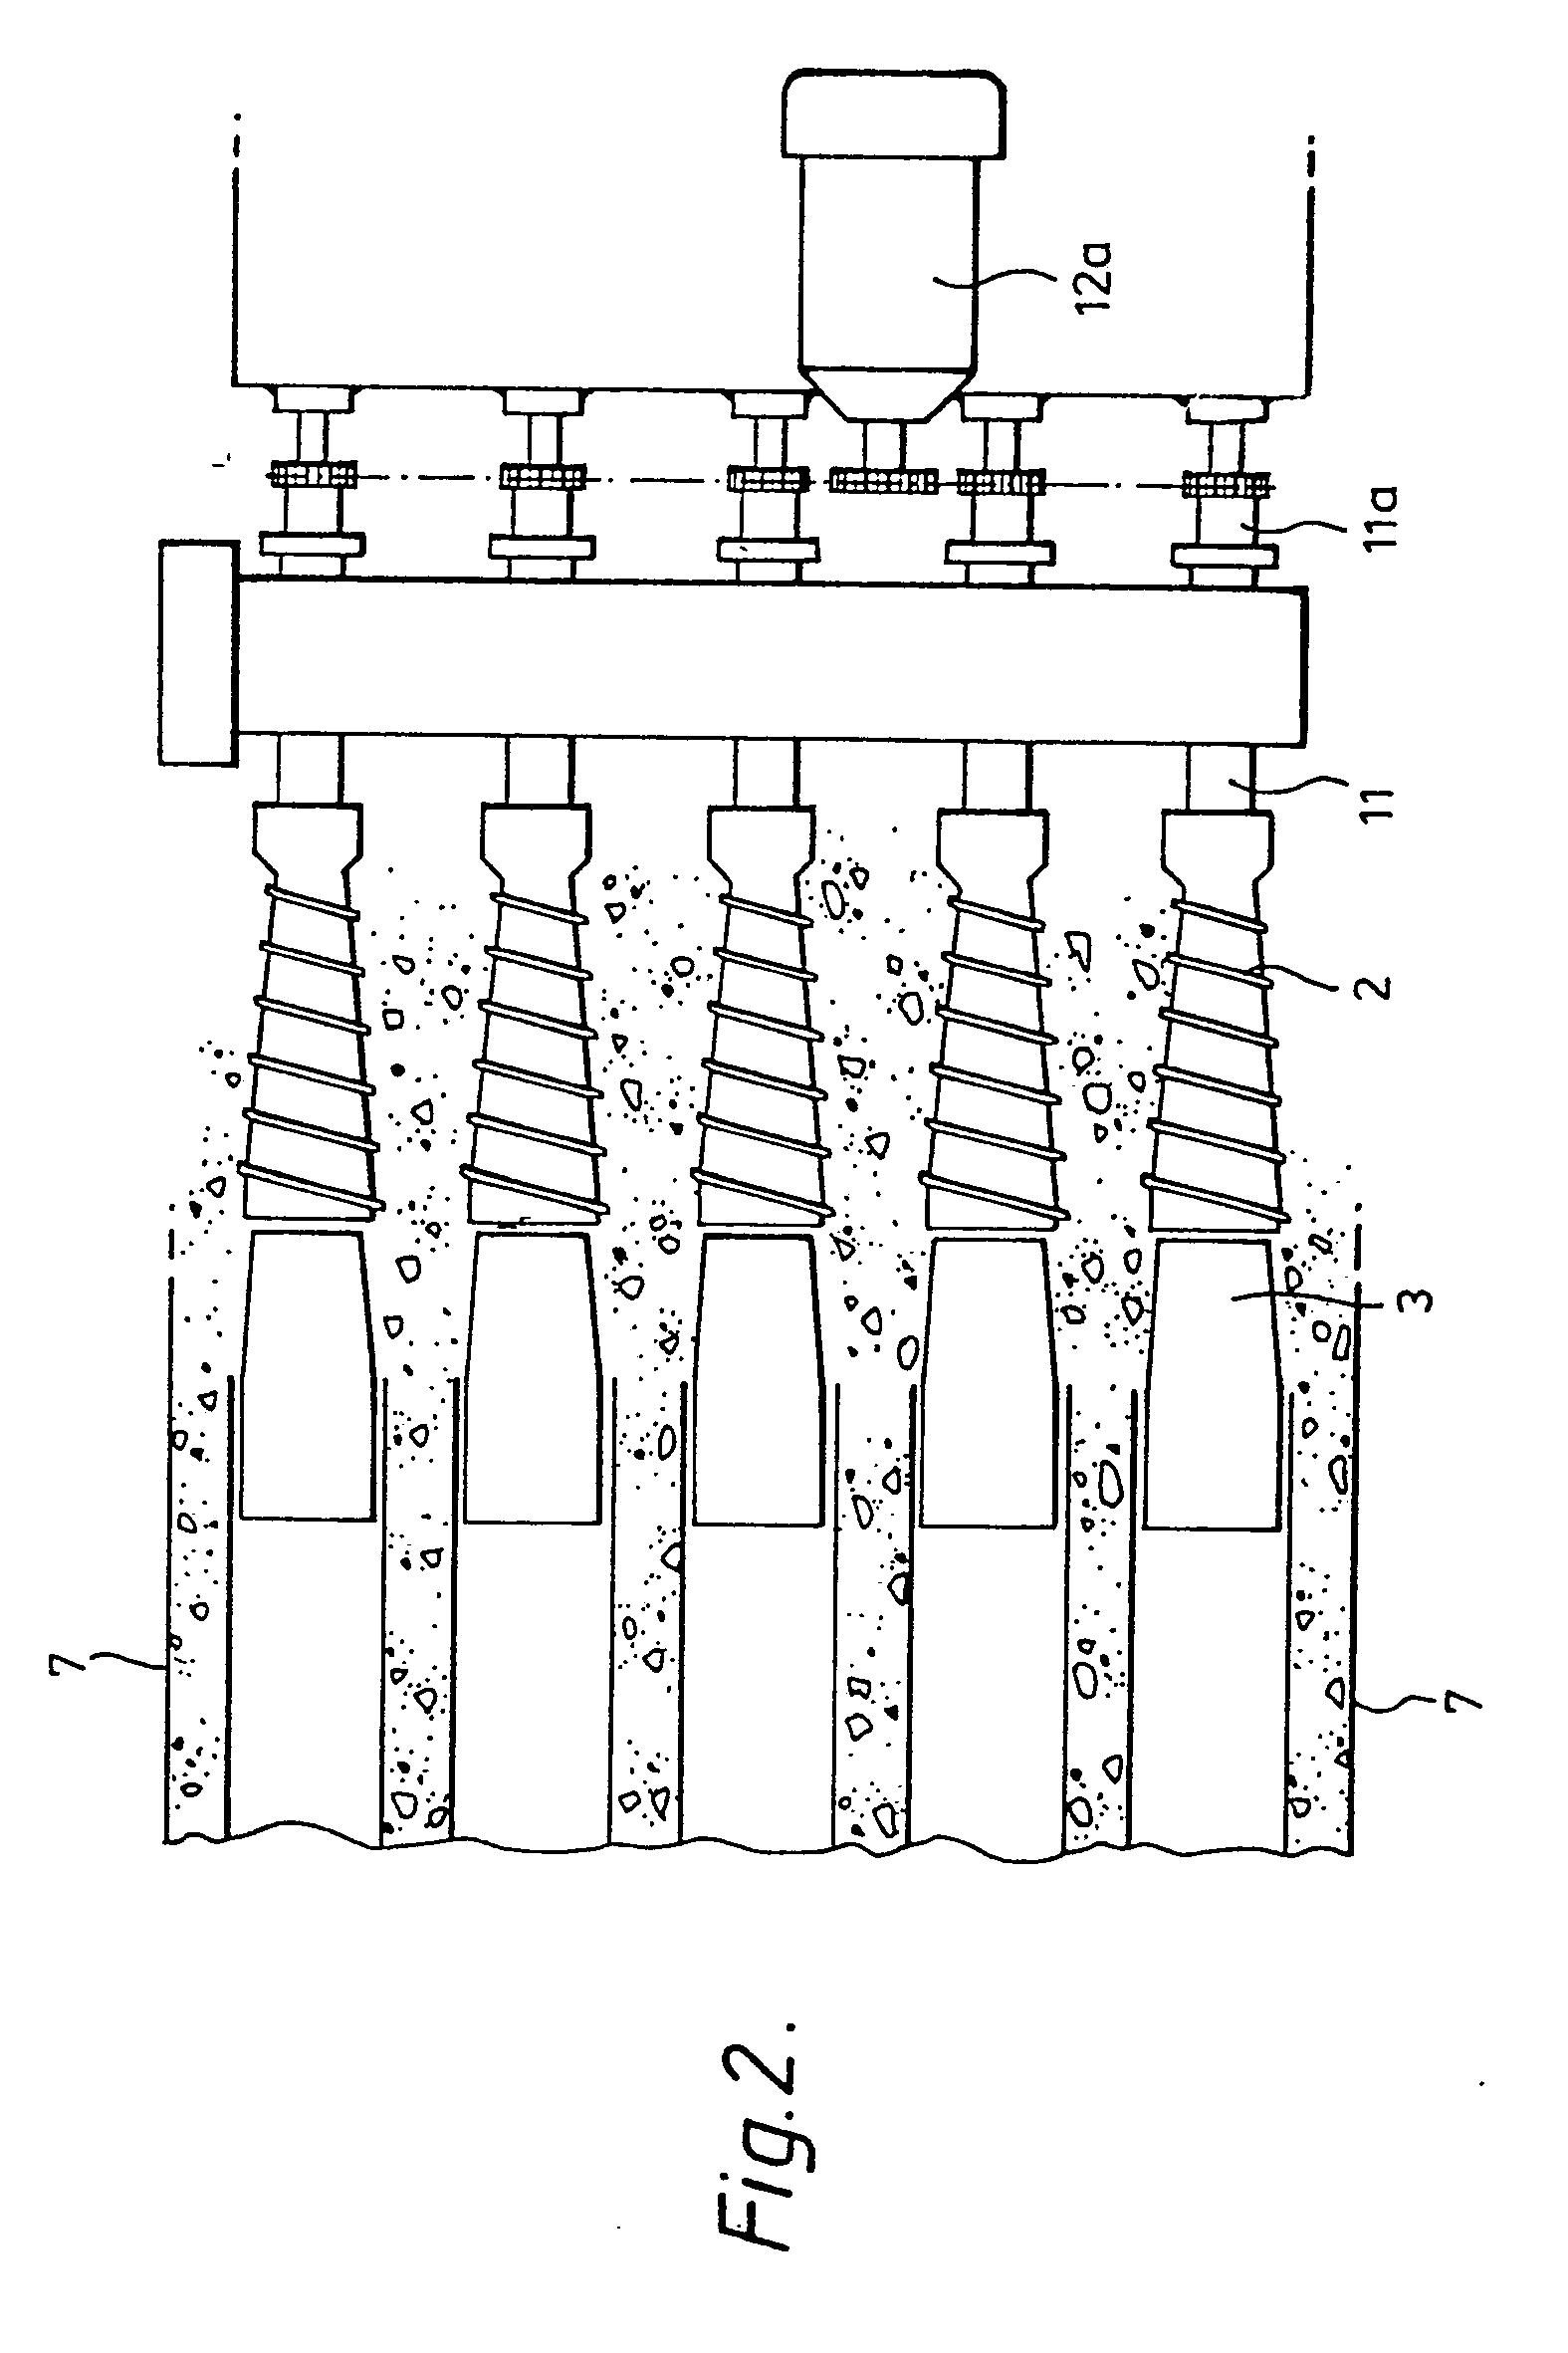 专利ep0152166b1 - method